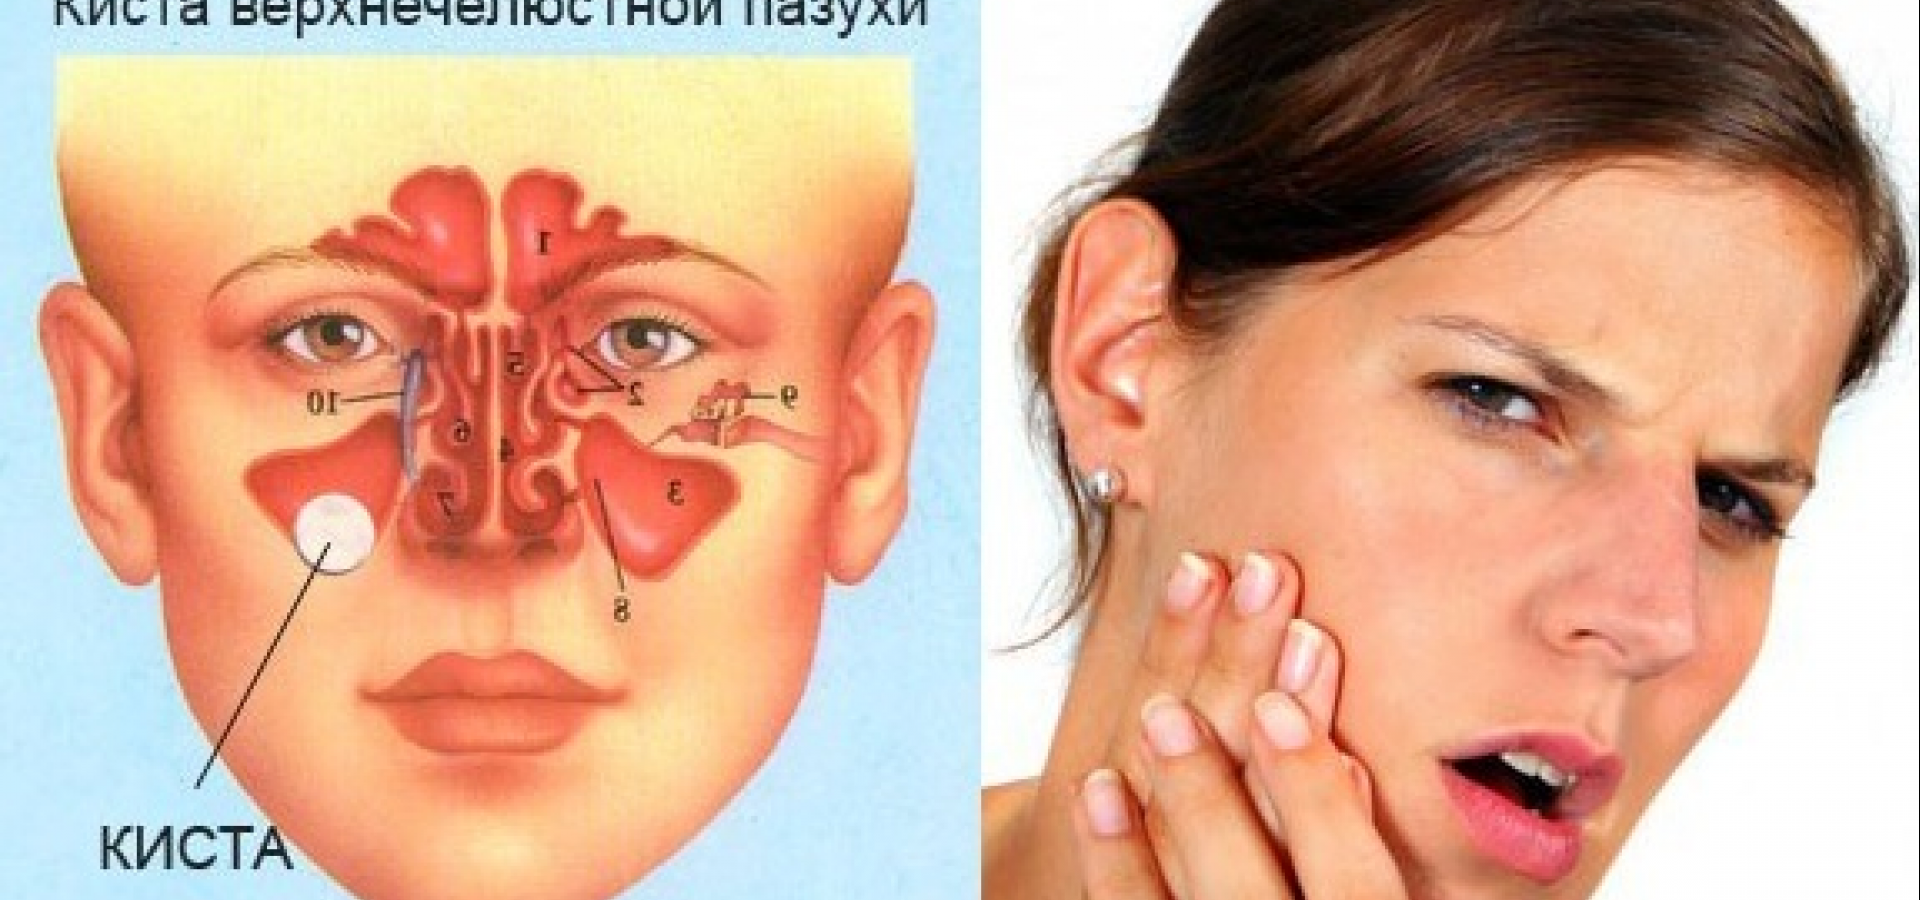 Особенности строения и функции верхнечелюстной пазухи, заболевания синусов носа